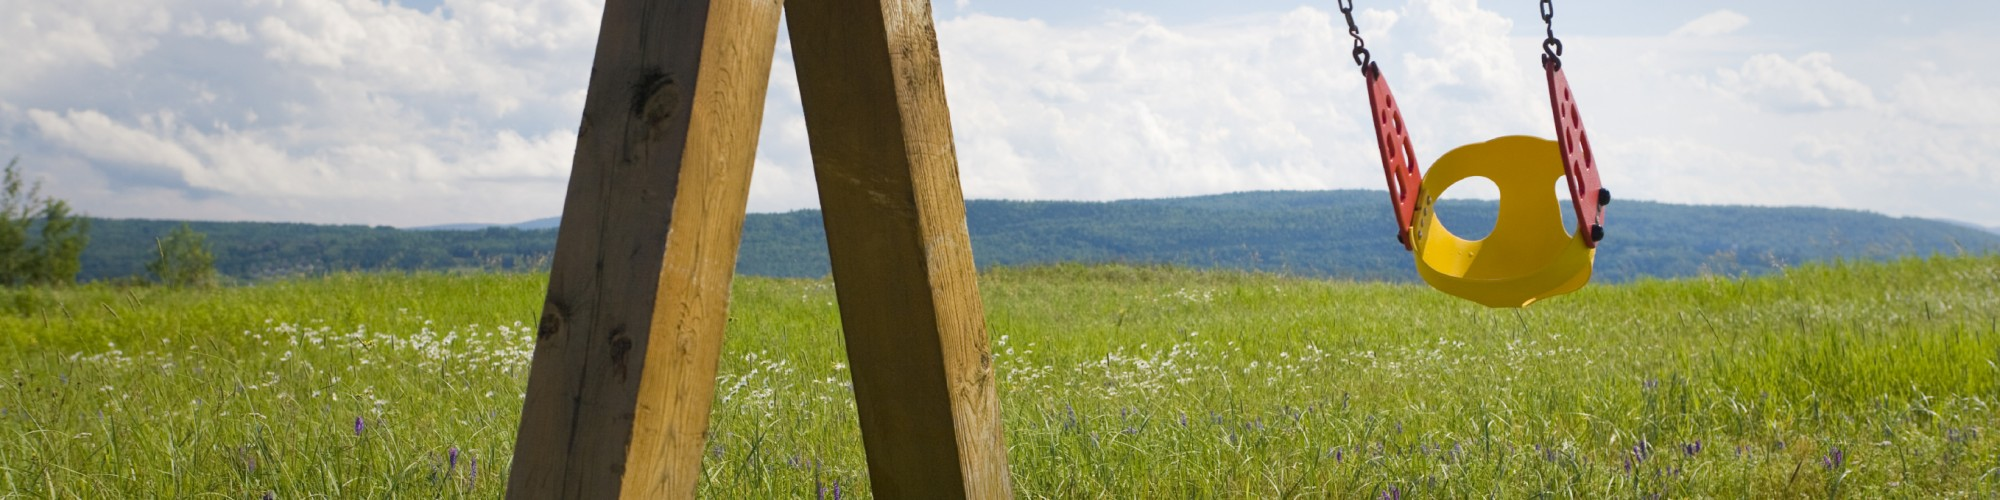 Swinging seat in a field